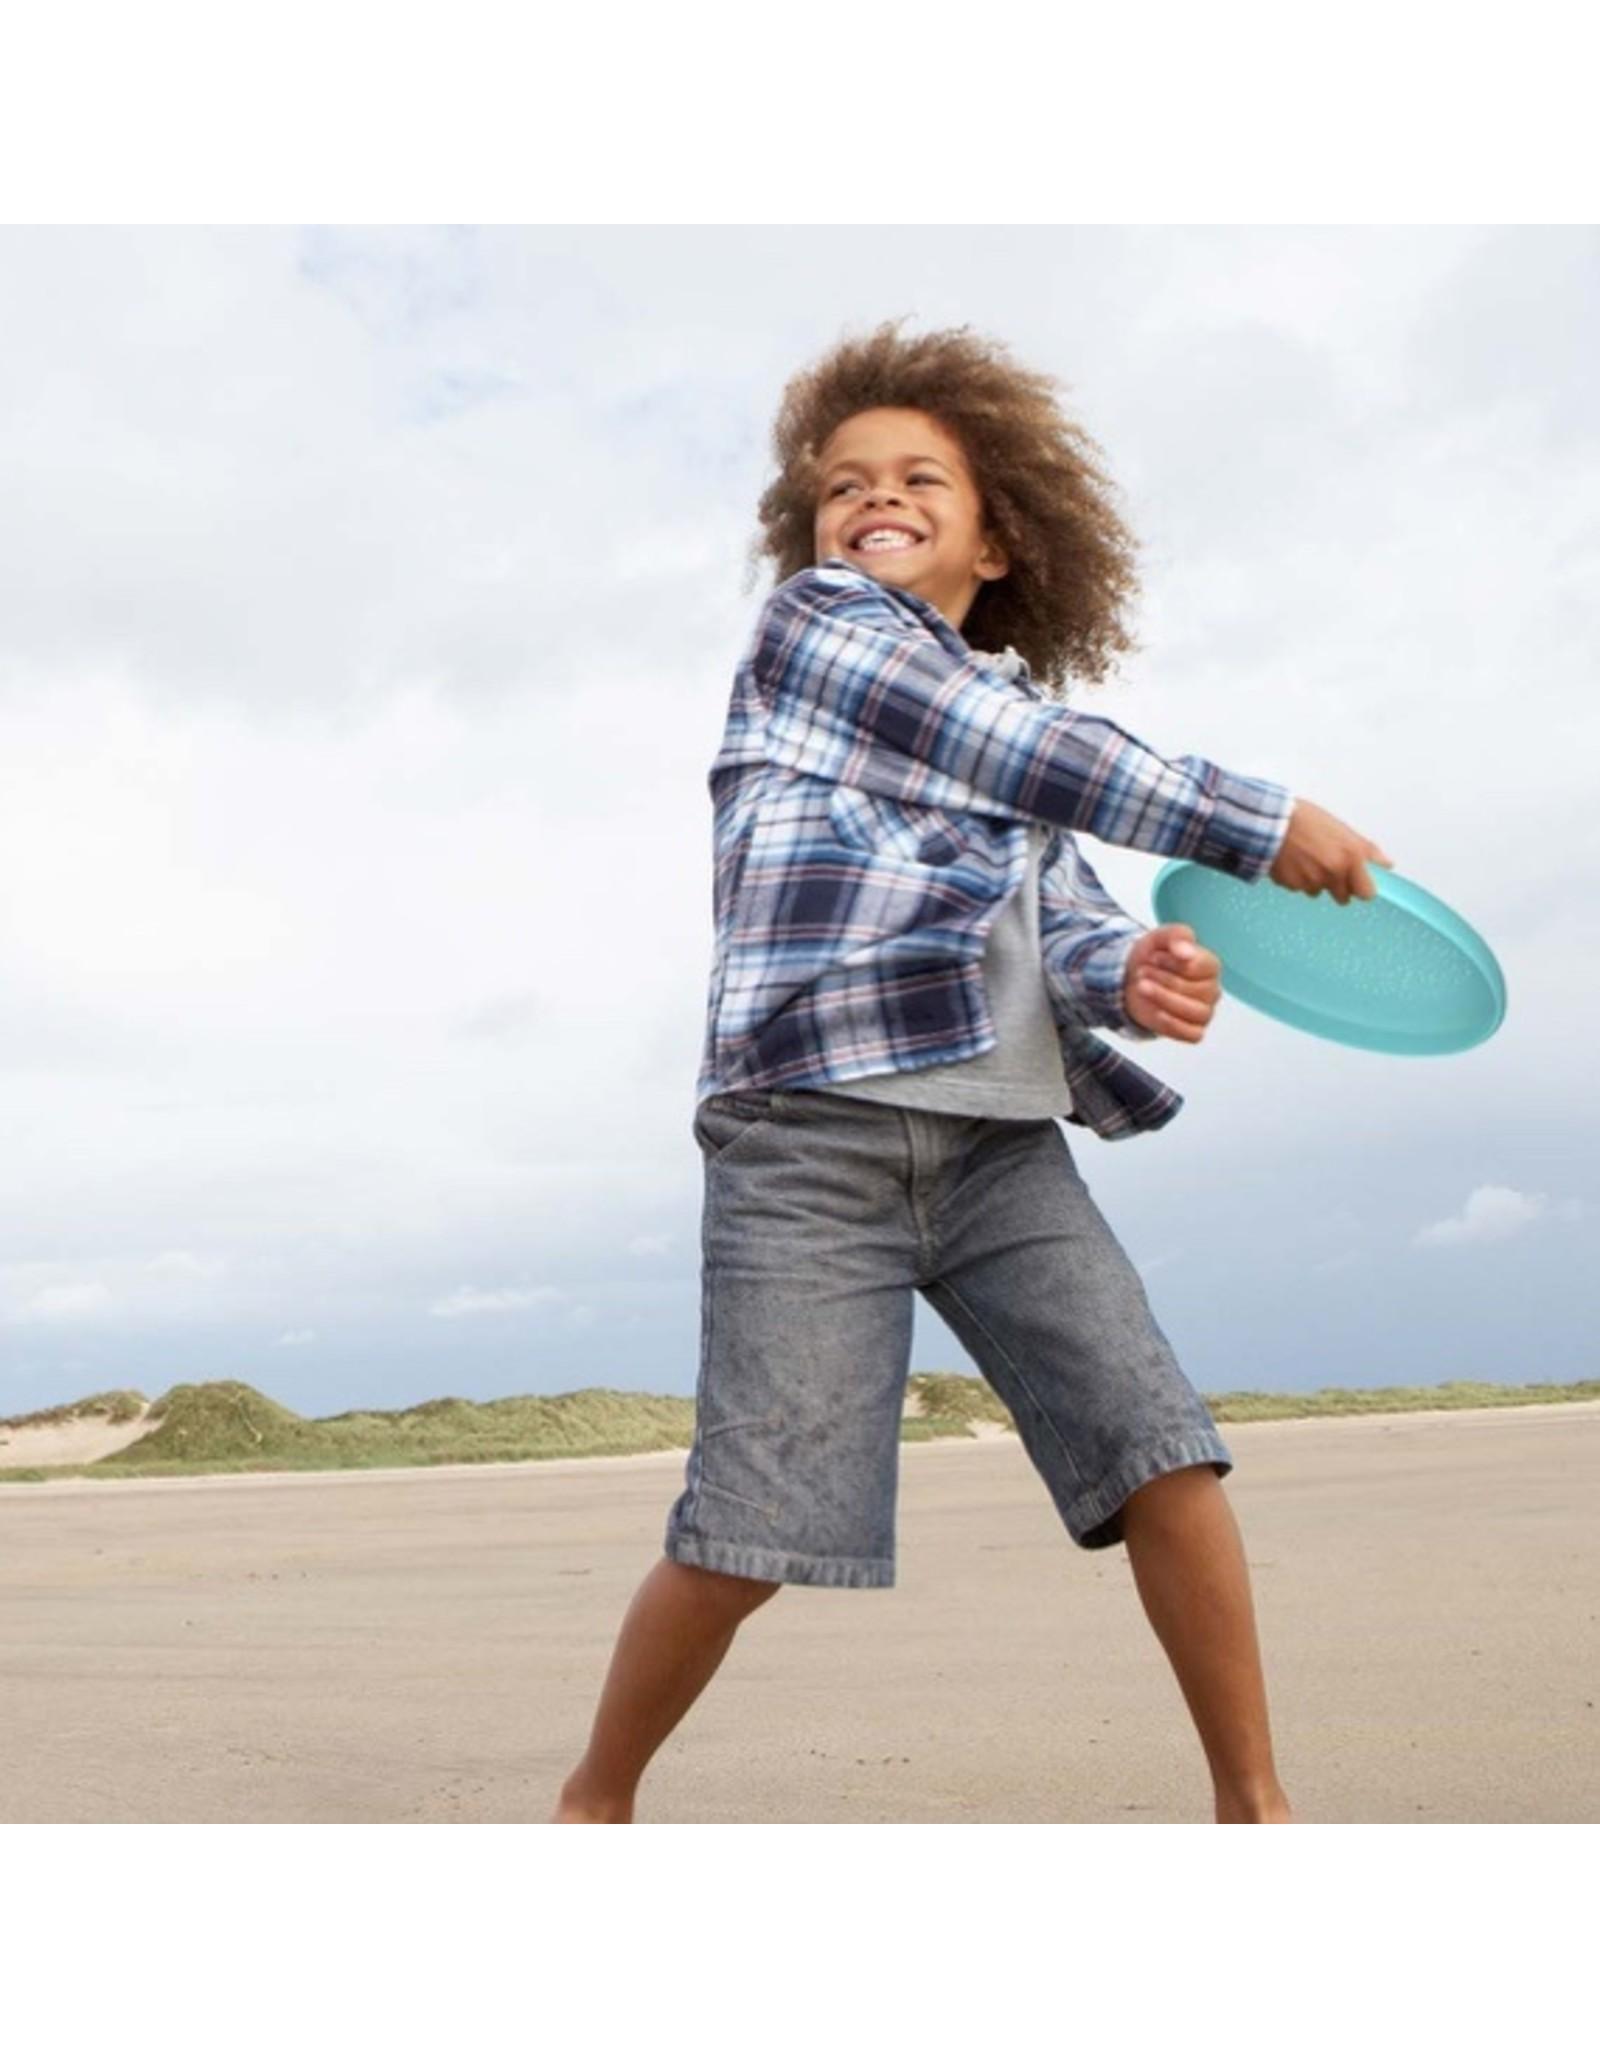 Quut Flying Disc + Sand Sifter Vintage Blue